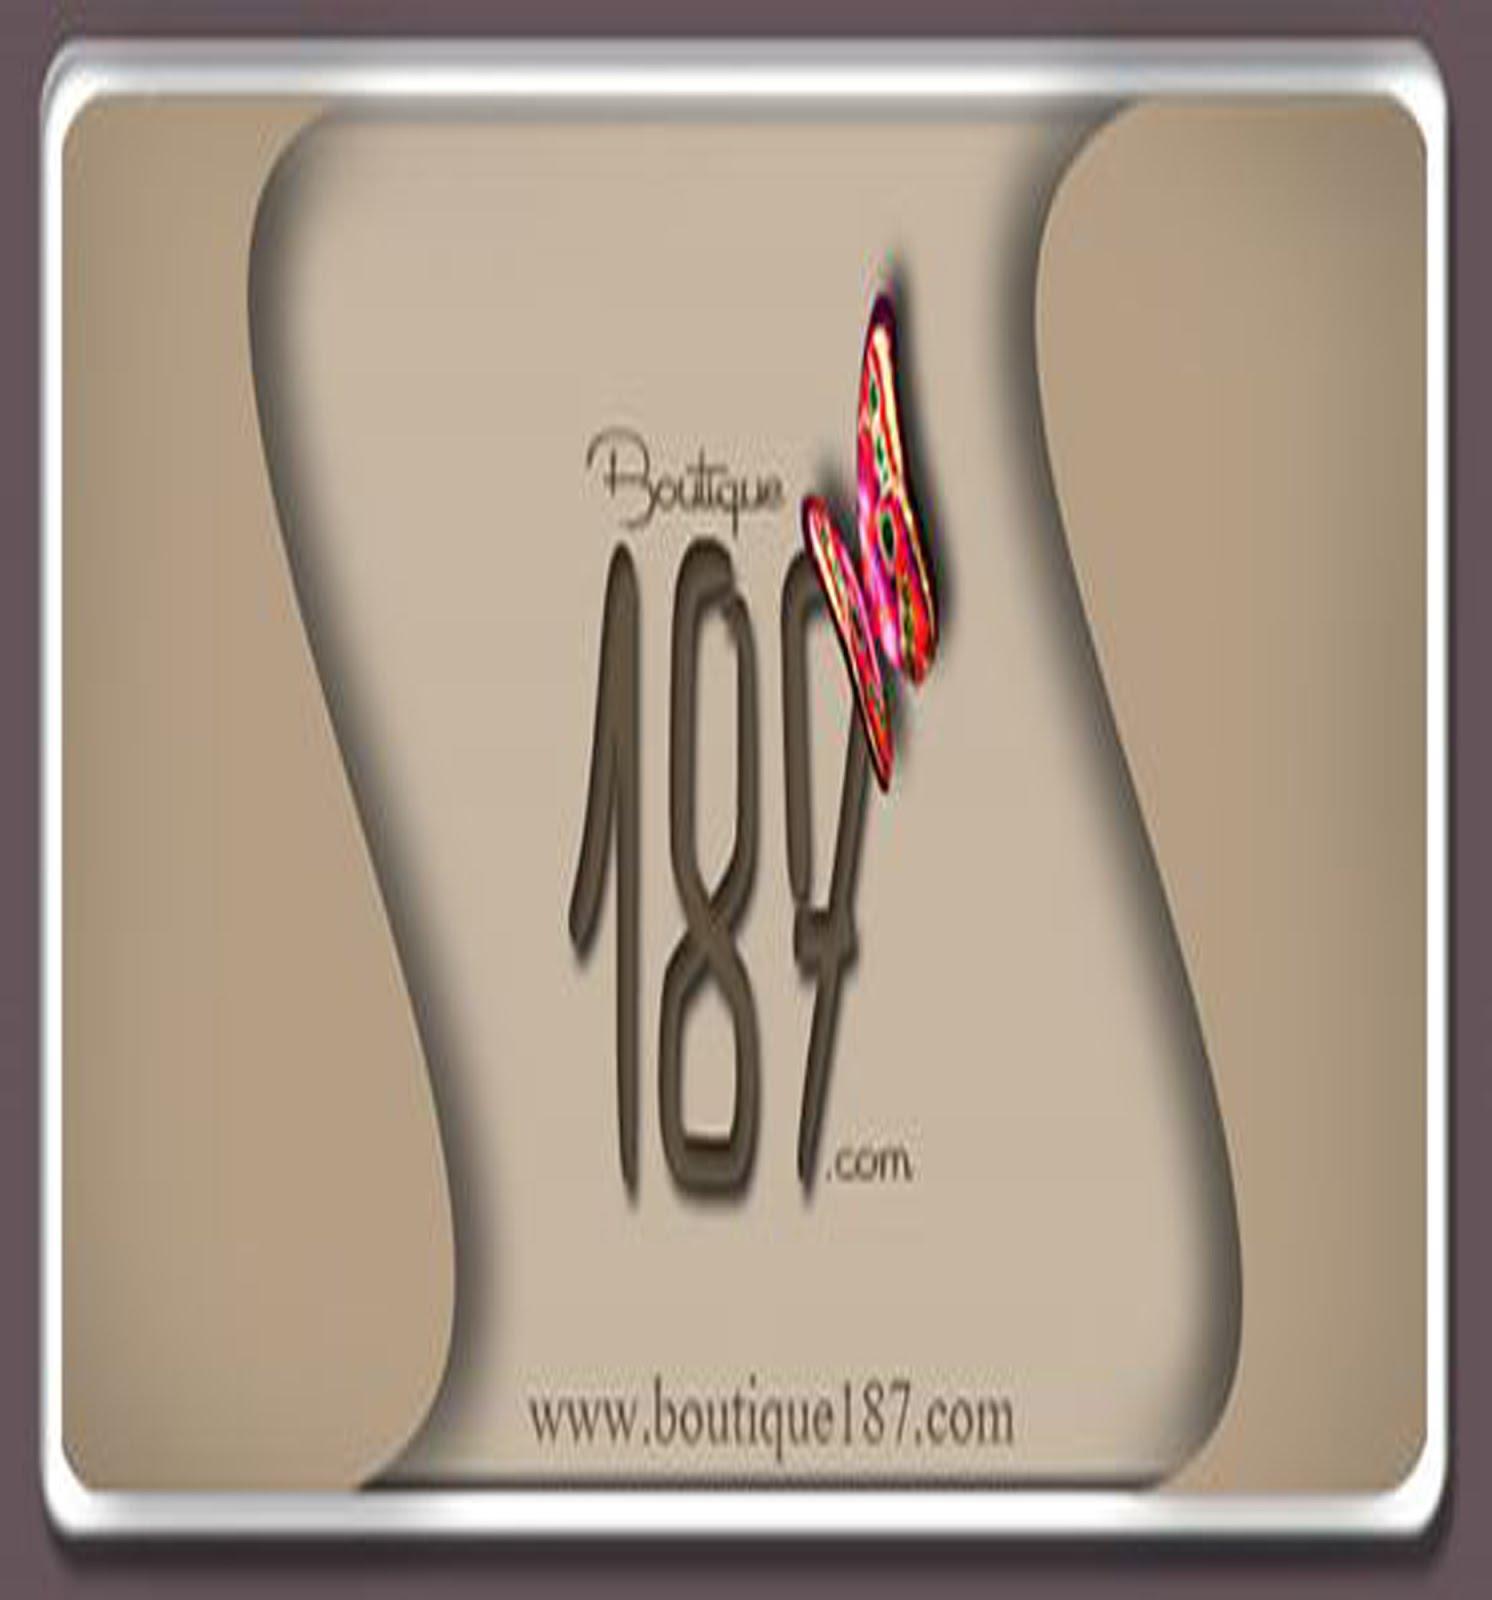 Boutique187